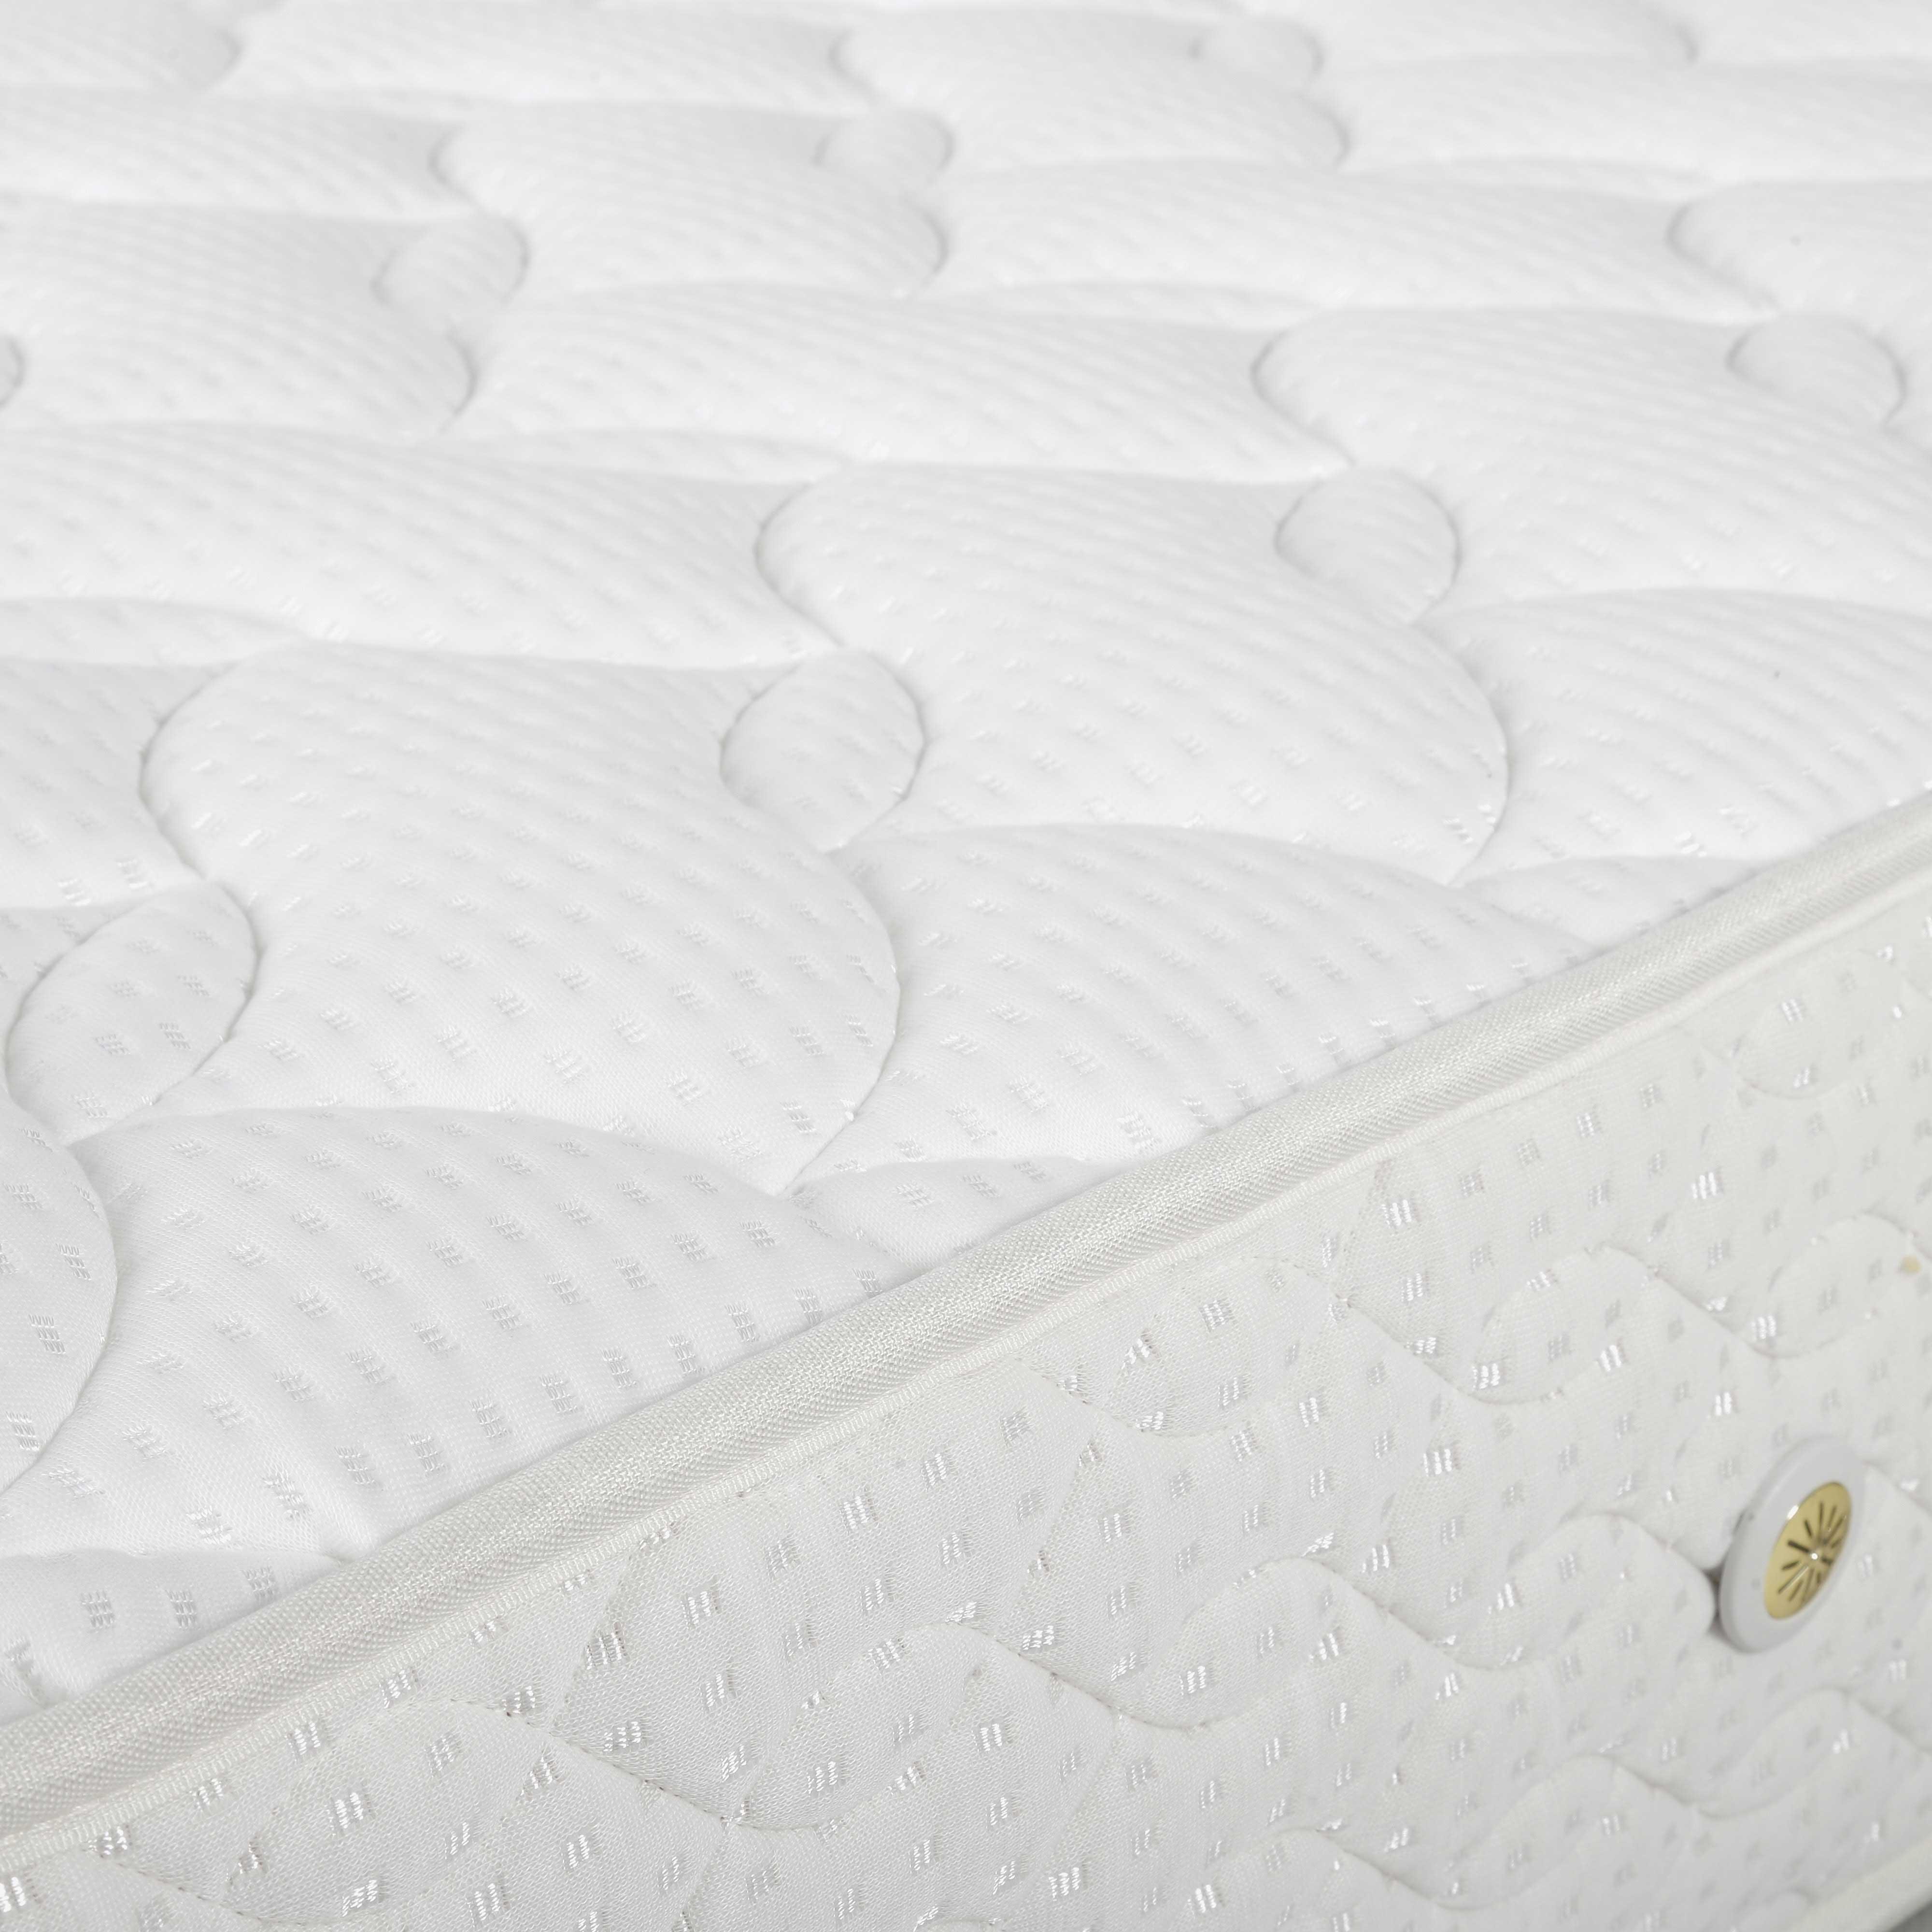 Materassi Ignifughi: come scegliere quello giusto per il tuo hotel